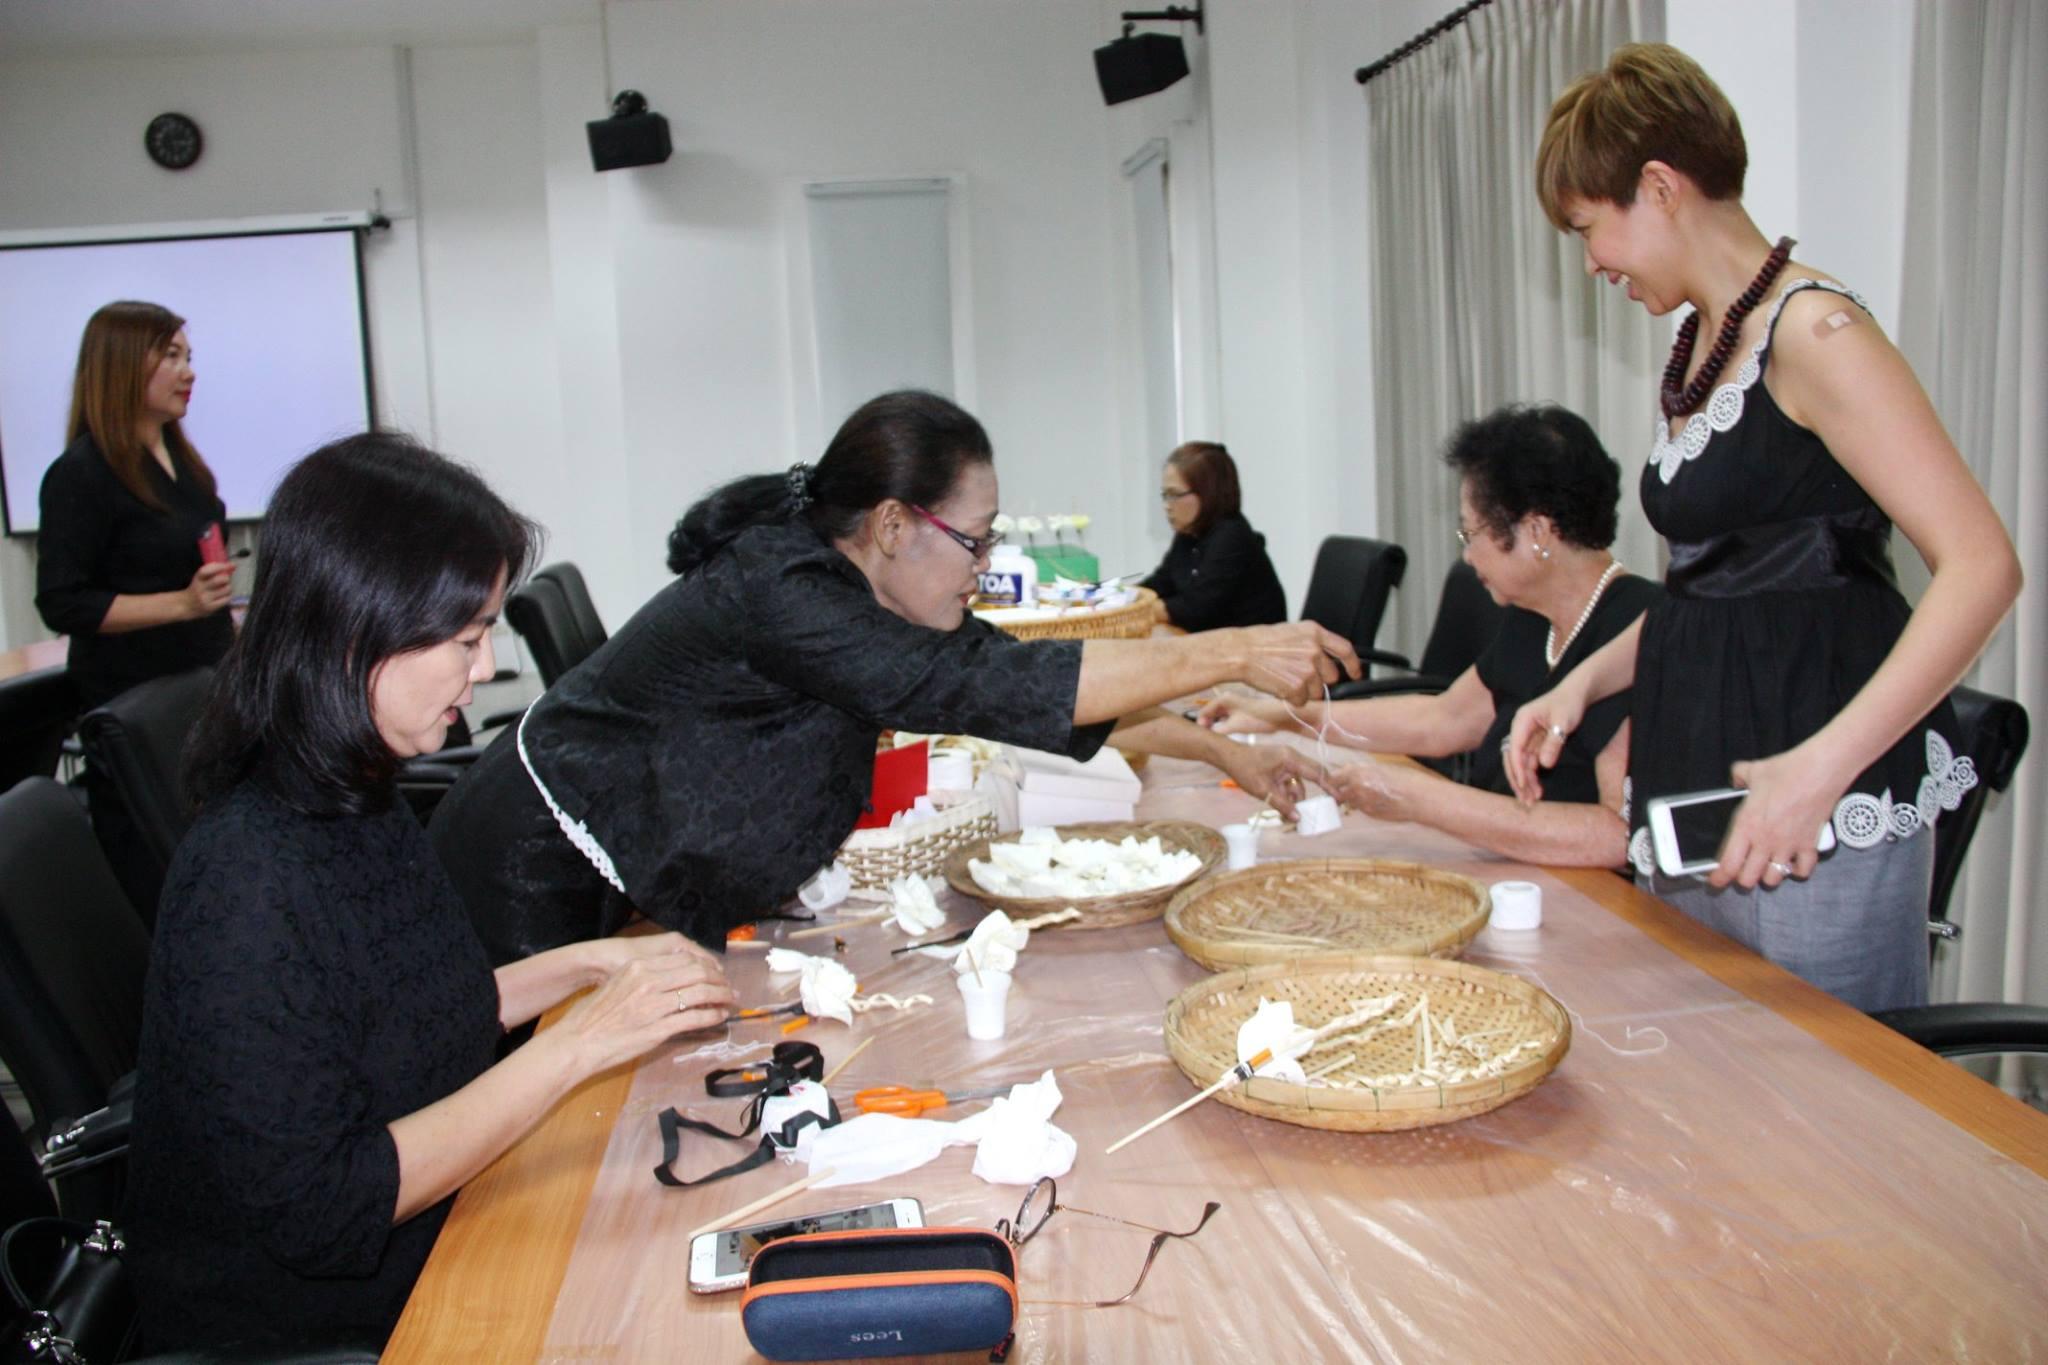 ร่วมประดิษฐ์ดอกไม้จันทน์ (ดอกดารารัตน์) เพื่อทูลเกล้าฯ ถวายในงานราชพิธีถวายพระเพลิงพระบรมศพ พระบาทสมเด็จพระปรมินทรมหาภูมิพลอดุลยเดช บรมนาถบพิตร เมื่อวันที่ 7 กรกฎาคม 2560